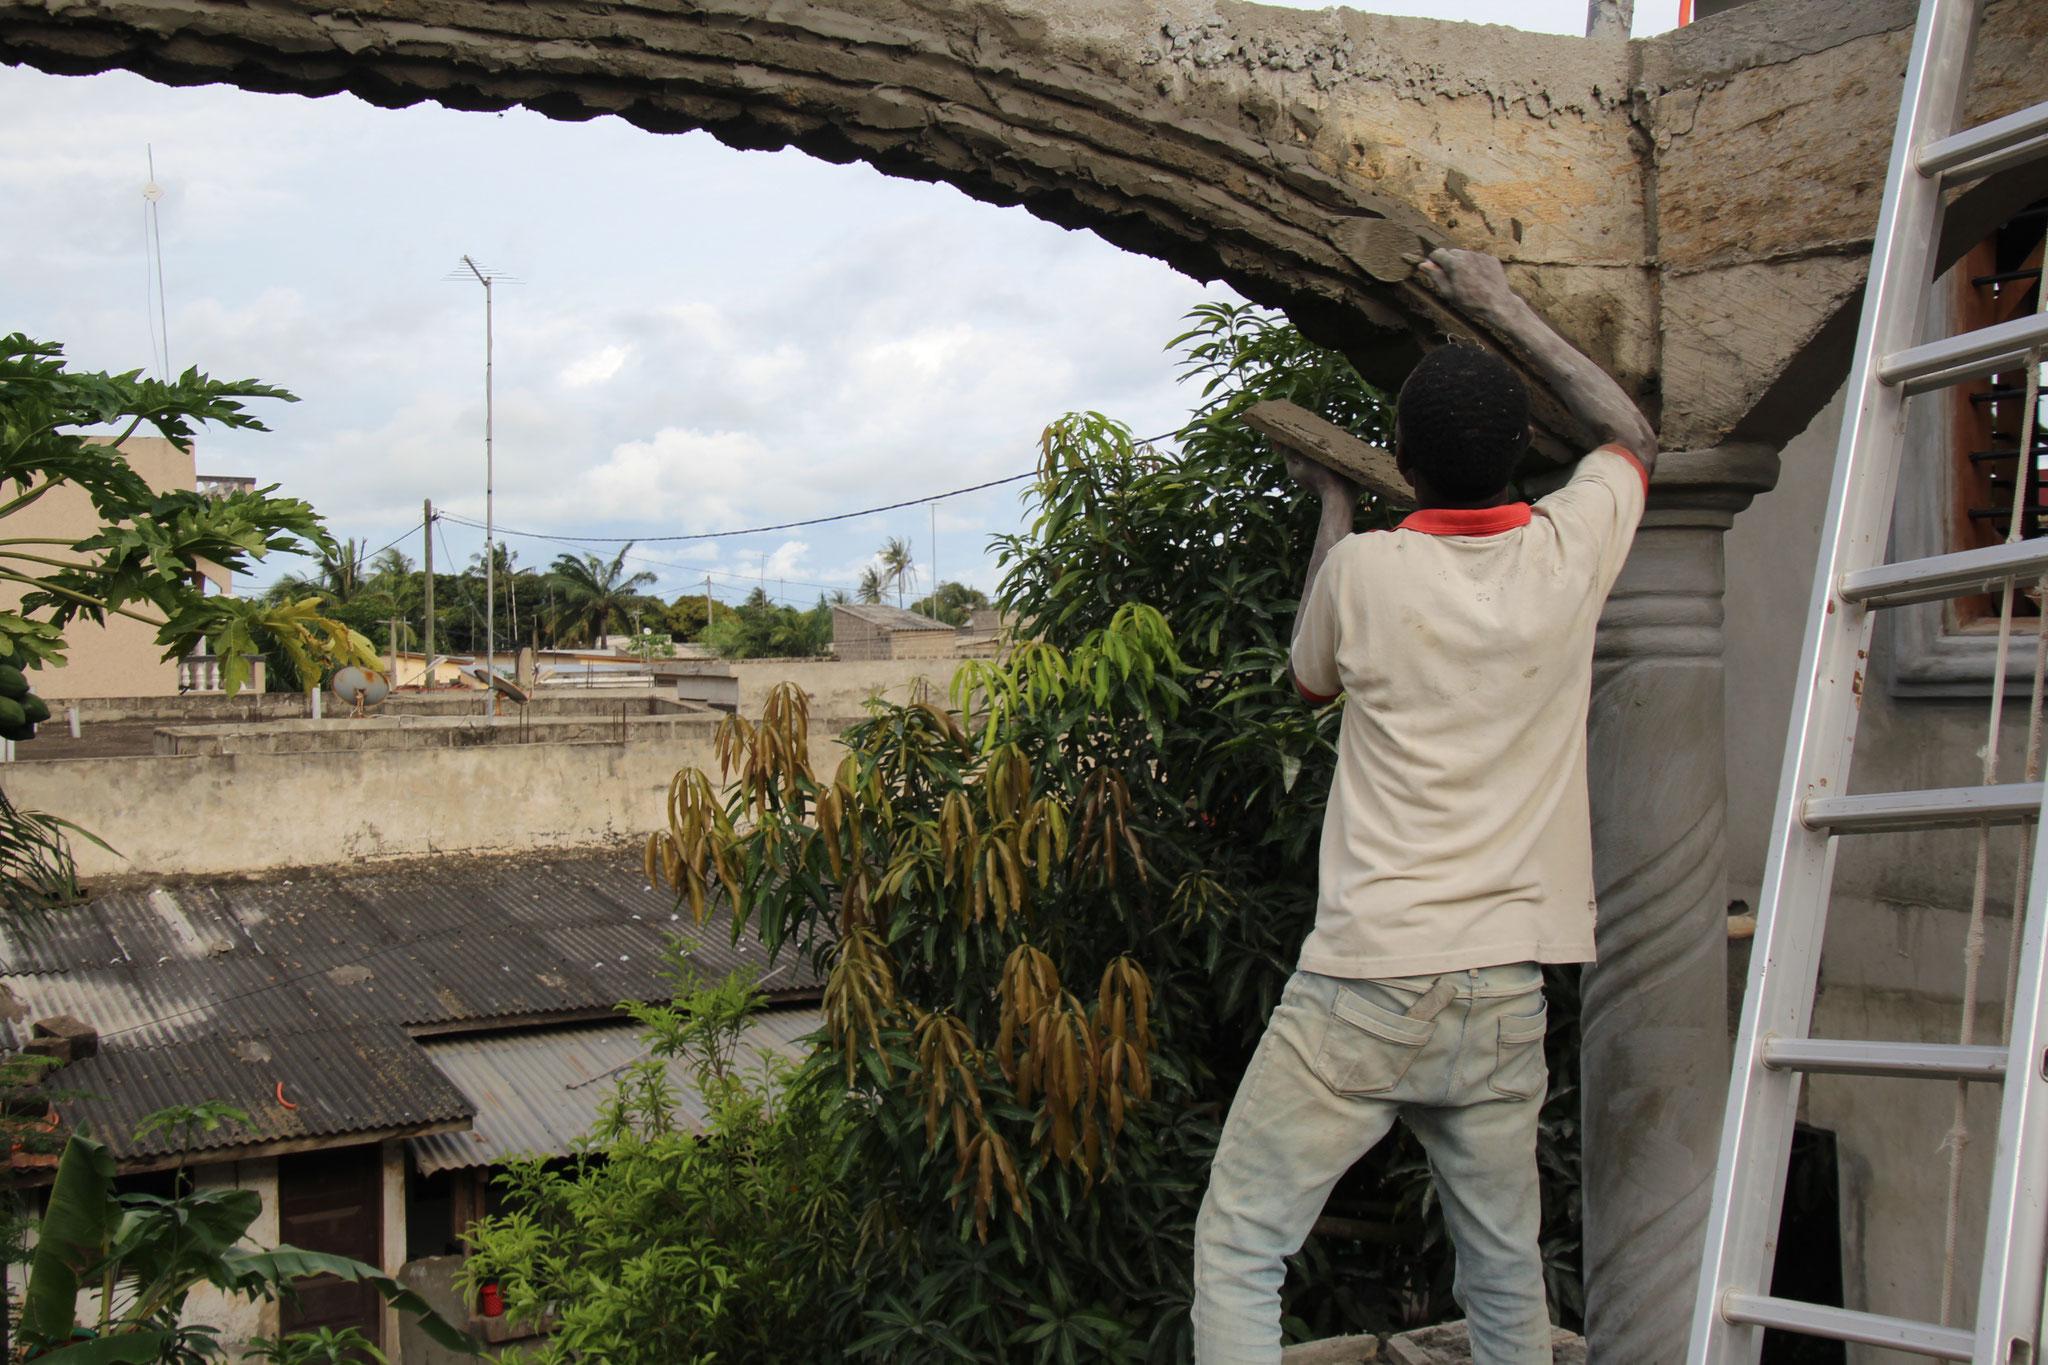 Abraham verziehrt die Rundbögen der Terrasse